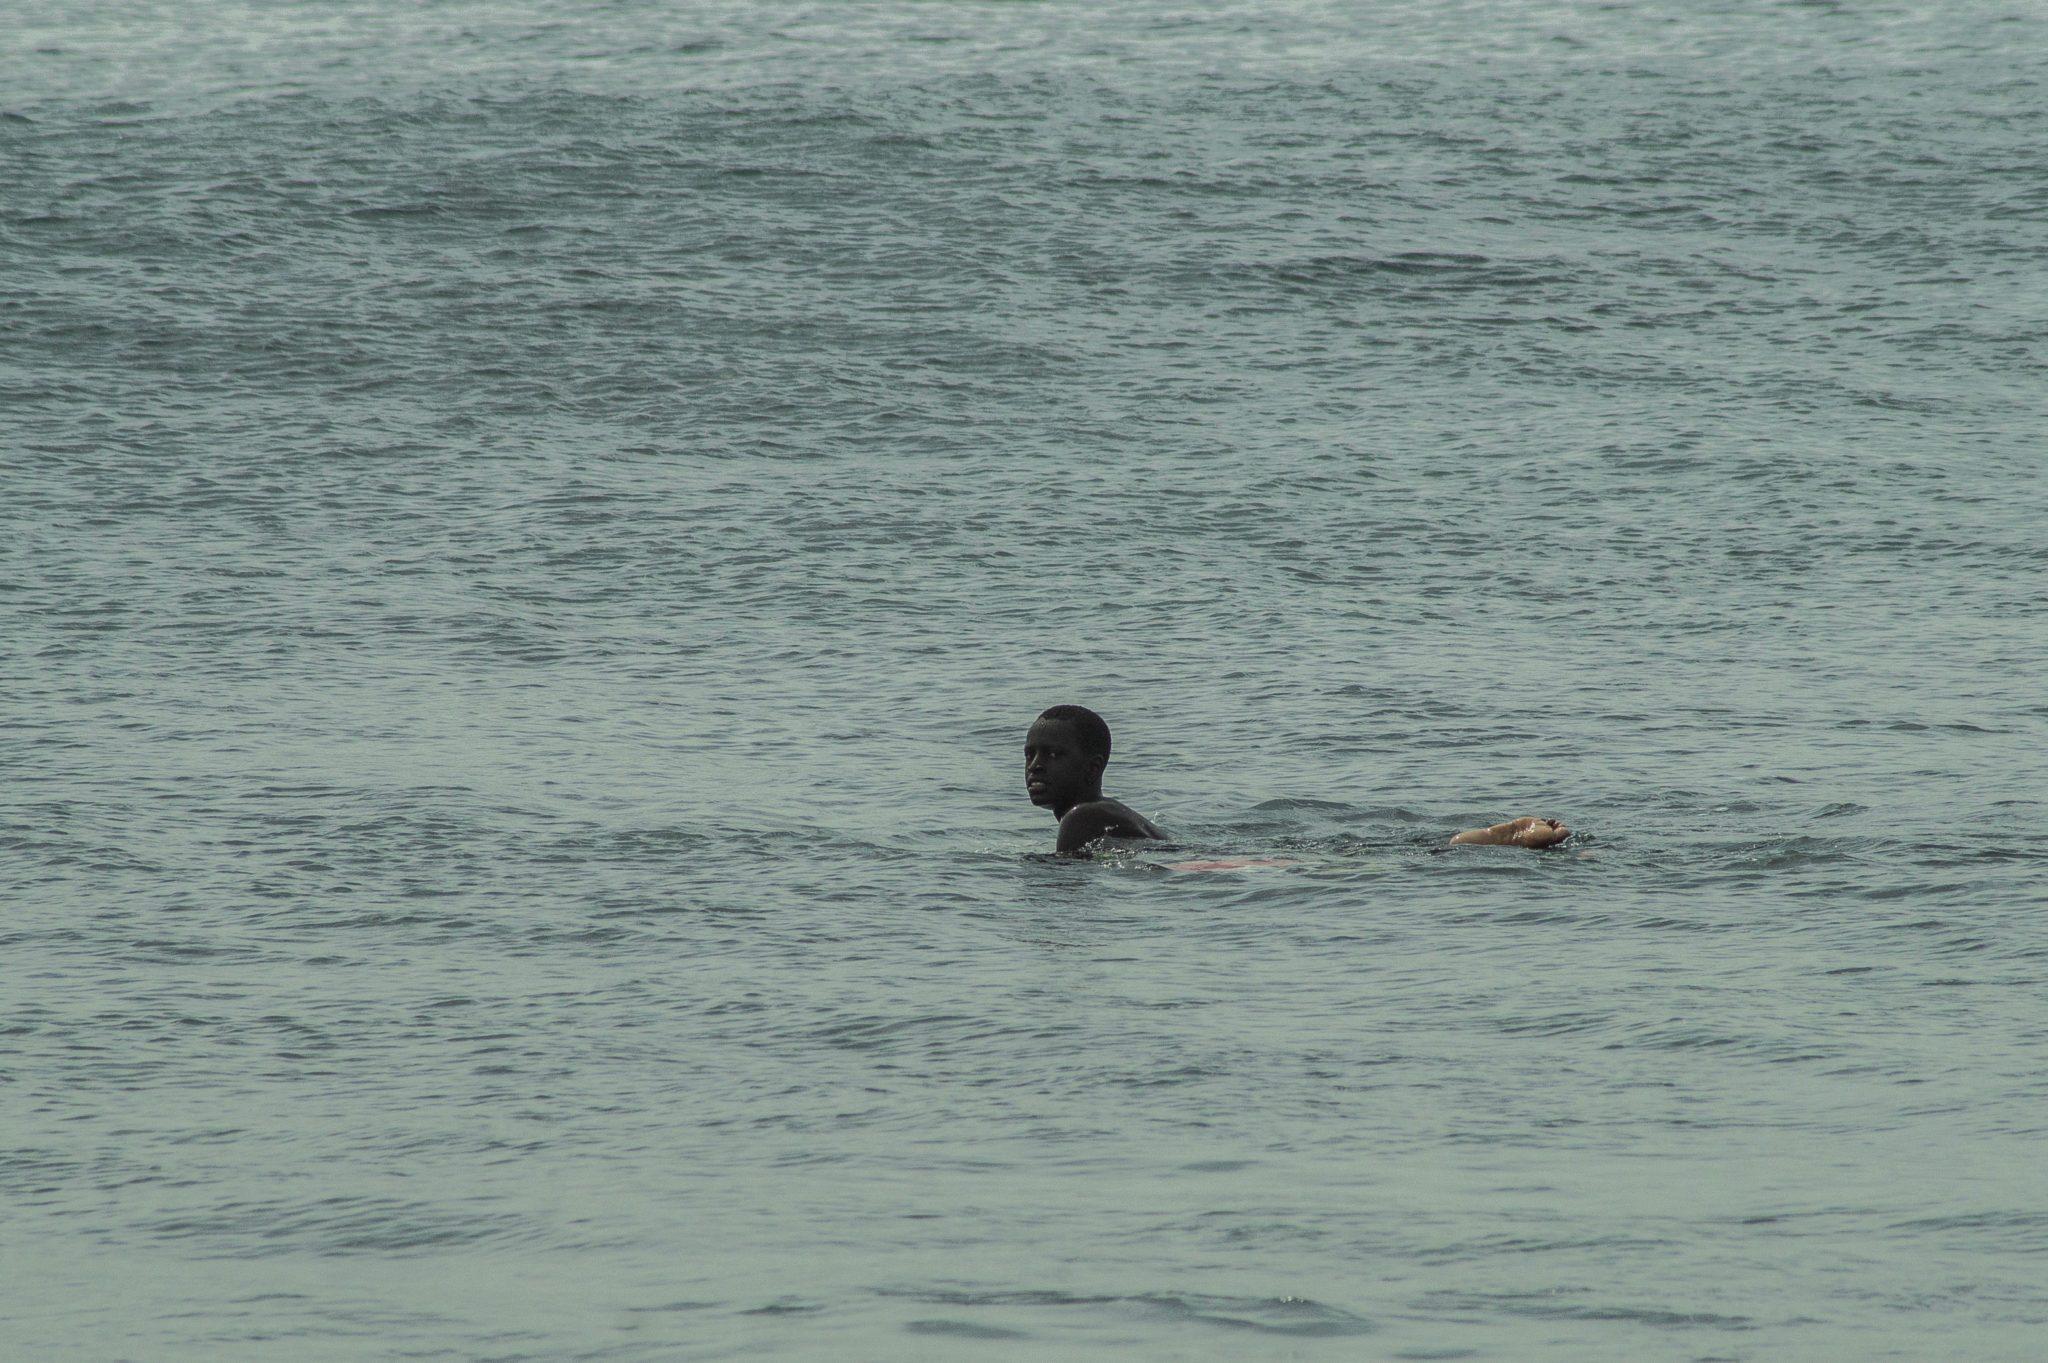 Surf Senegal: Das Gute am Surfen im Senegal ist, dass das Line-up hier nie wirklich voll ist.